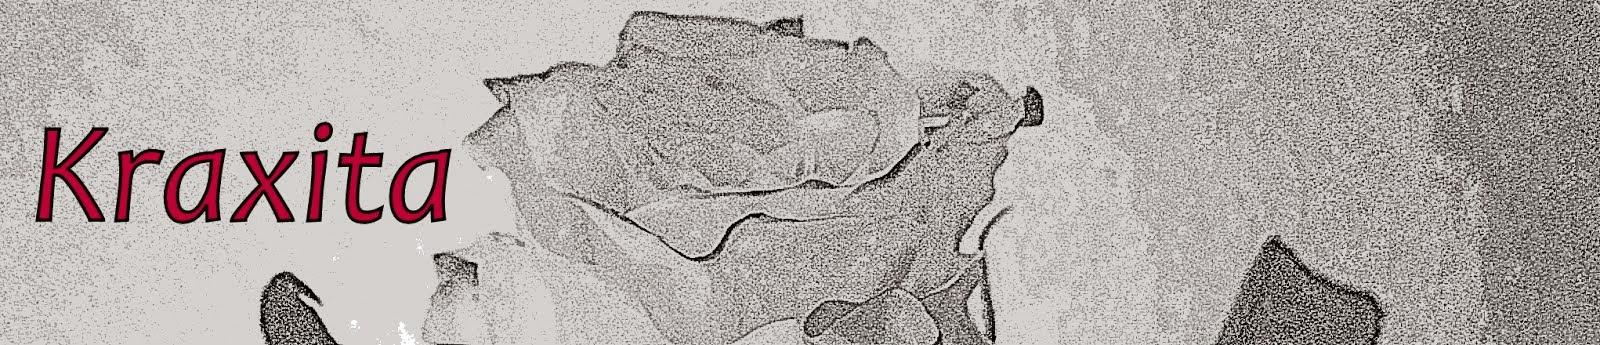 Kraxita